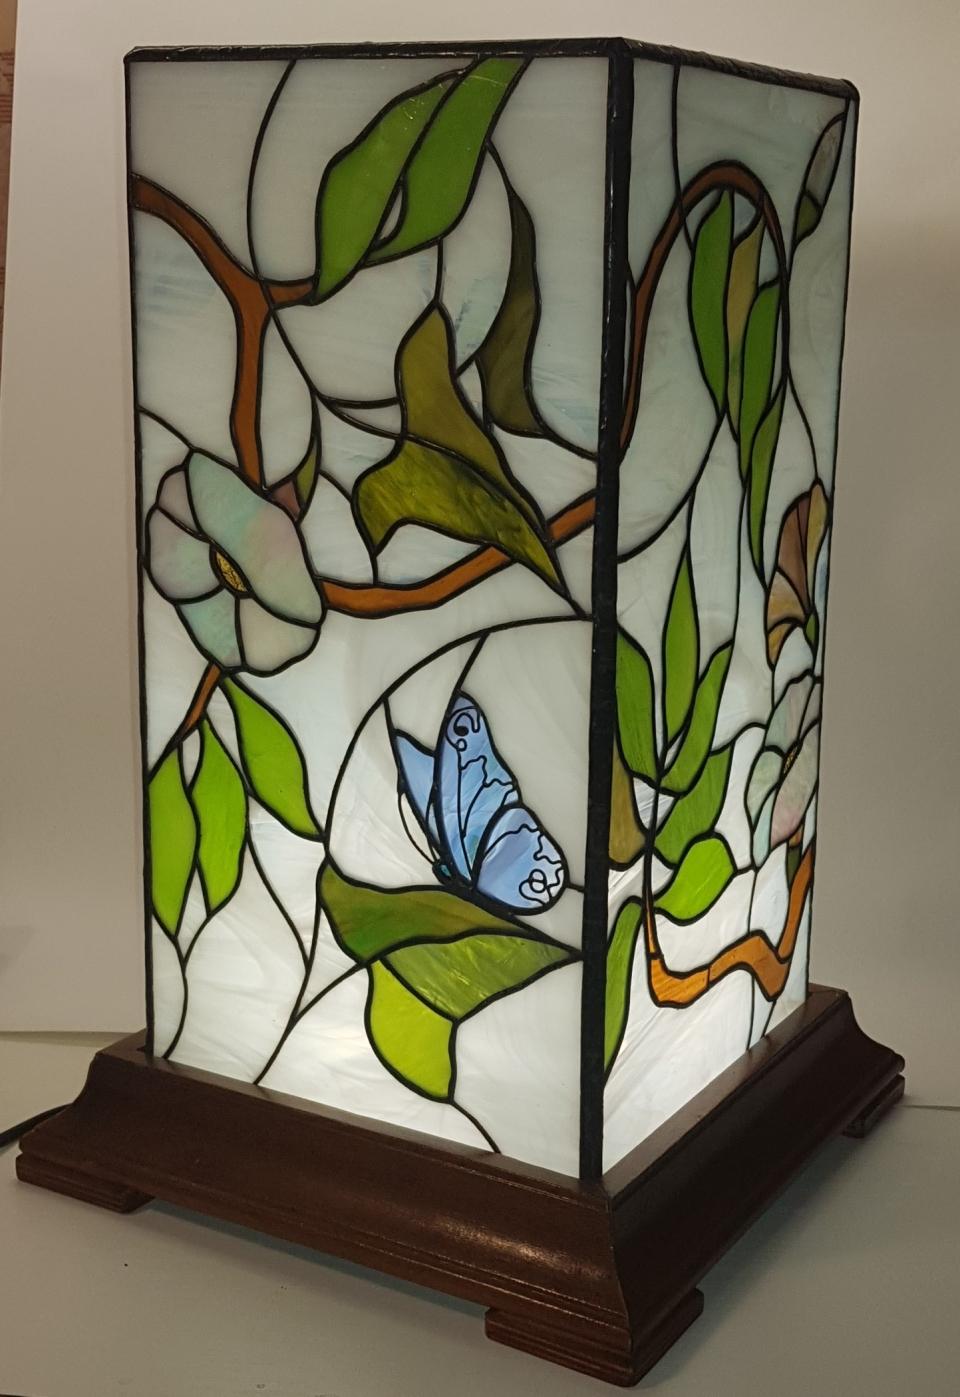 Настольный светильник в технике ТИФФАНИ со светодиодным источником света.  Размер габаритный с основанием 44*28*28 см.